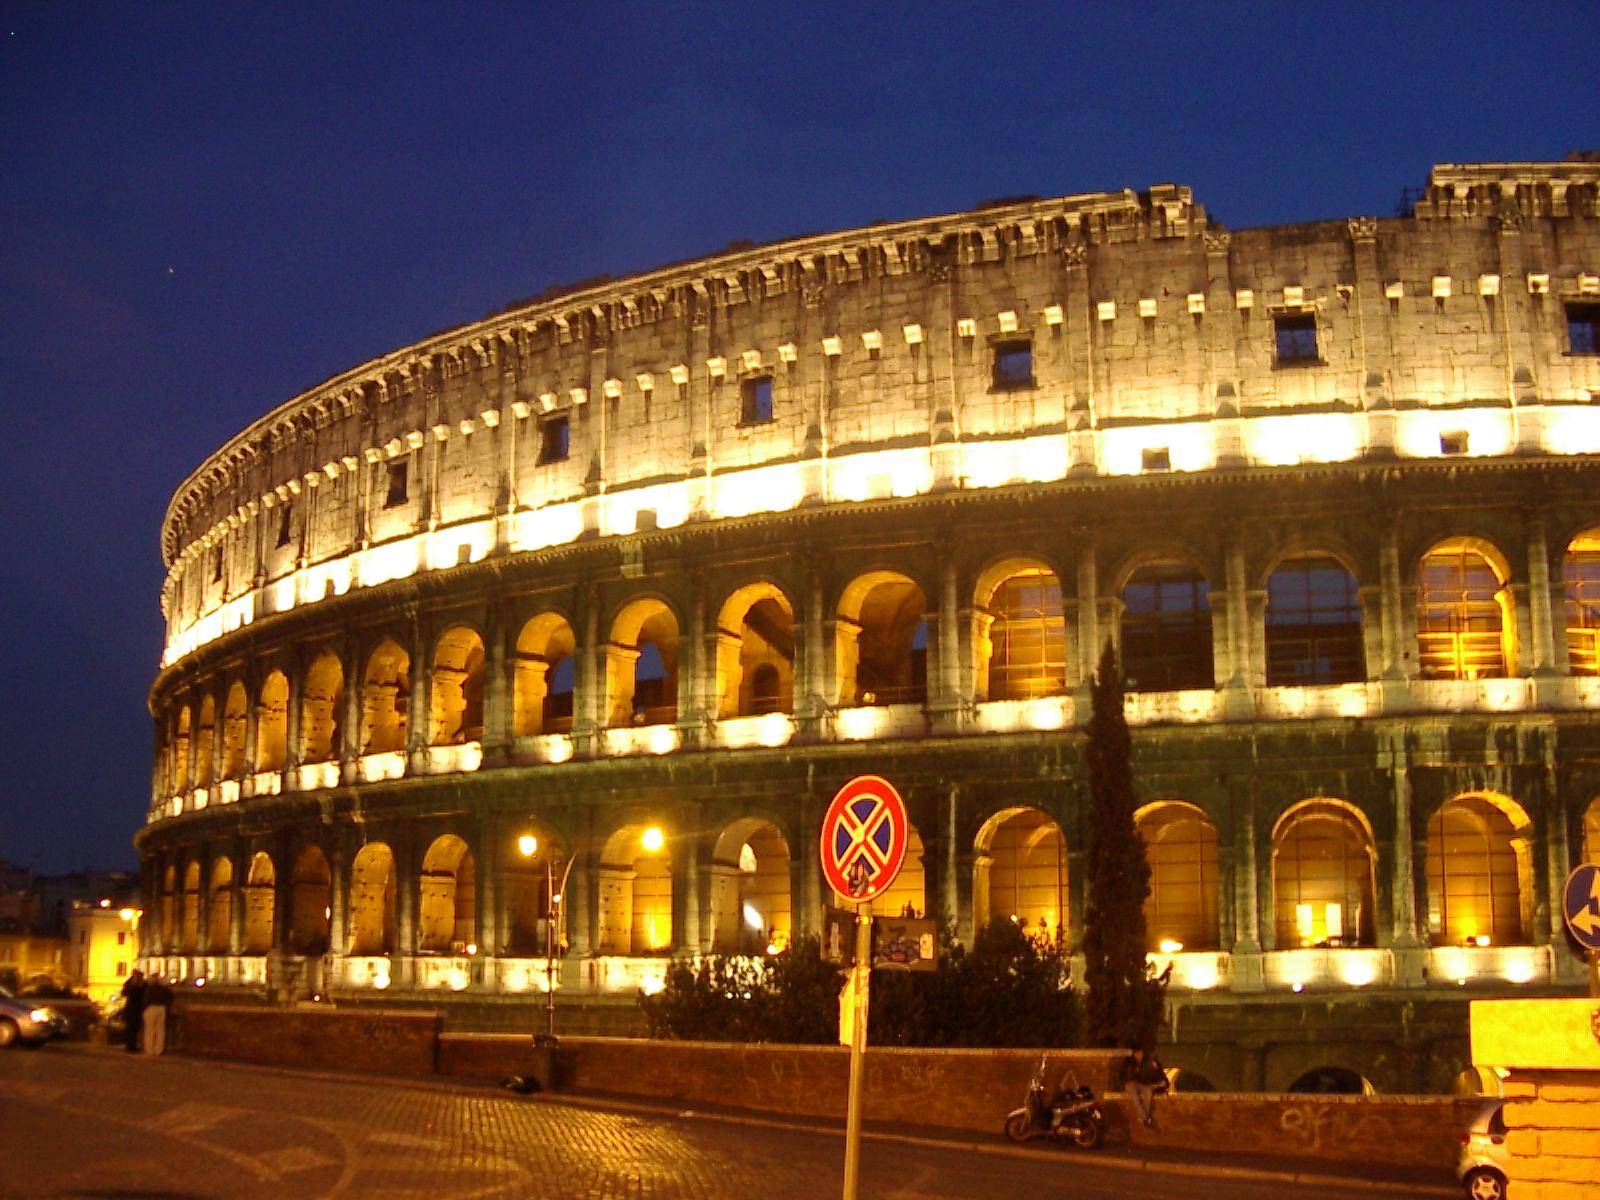 http://4.bp.blogspot.com/_yXYzRab5y7Q/TOR3ZRCgGbI/AAAAAAAAABA/w9gXNaVZG1A/s1600/rome_colisee.jpg